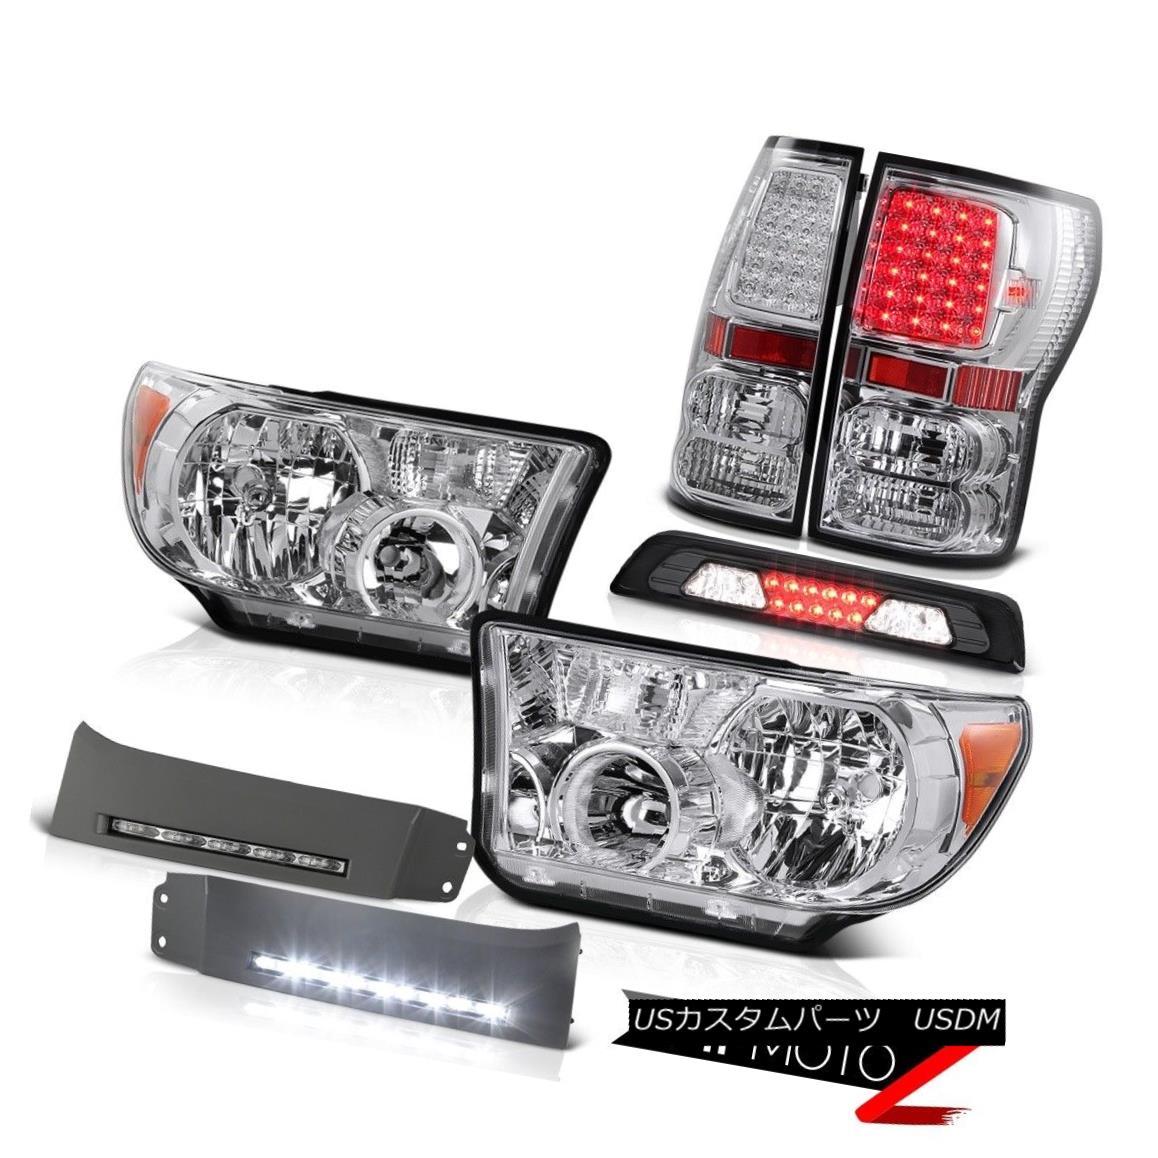 テールライト 2007-2013 Toyota Tundra Limited Headlamps DRL Strip Third Brake Light Taillamps 2007-2013トヨタ・トンドラ・リミテッドヘッドランプDRLストリップ・サード・ブレーキ・ライト・タイヤランプ